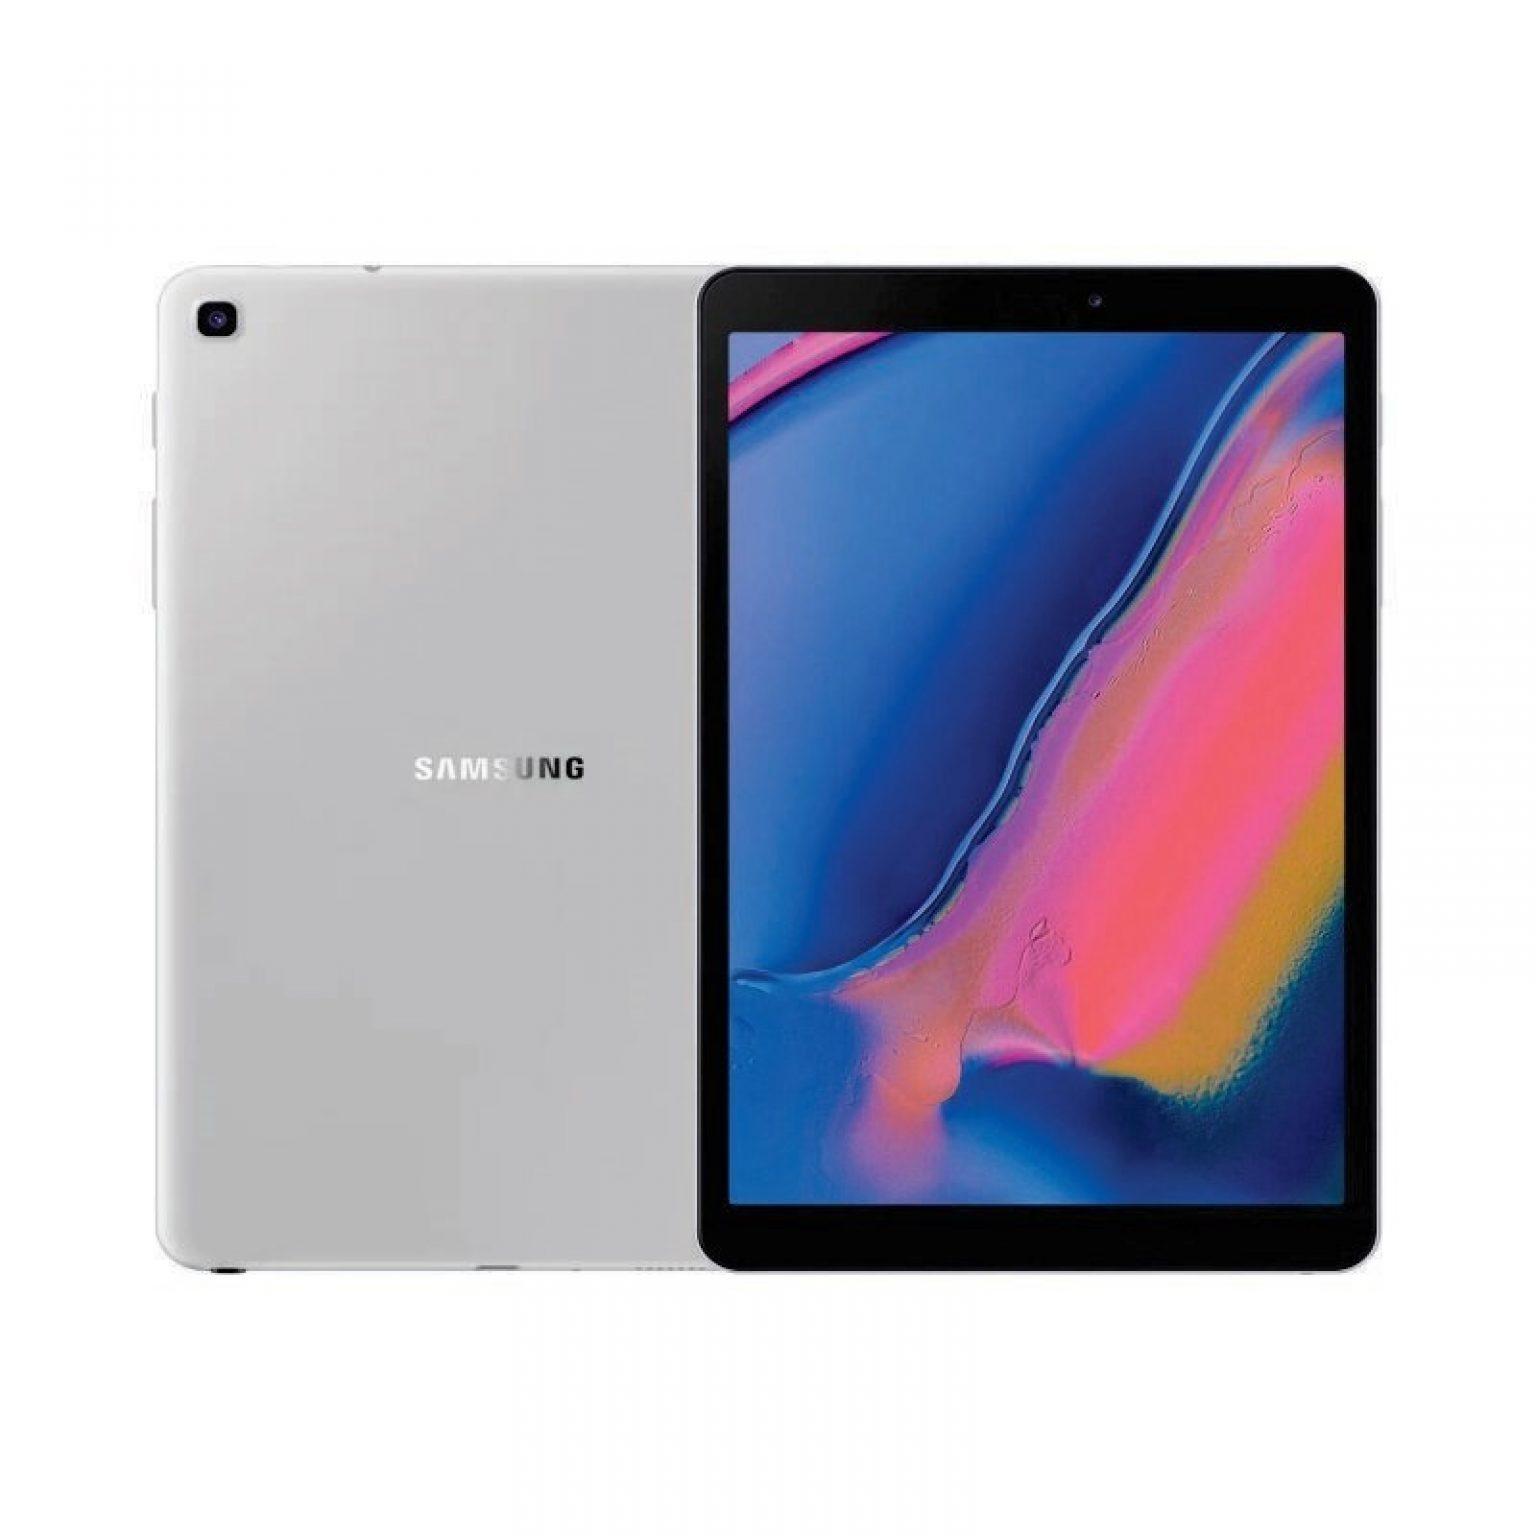 SAMSUNG - Tab A 8 2019 Grey [SM-P205NZAAXID]